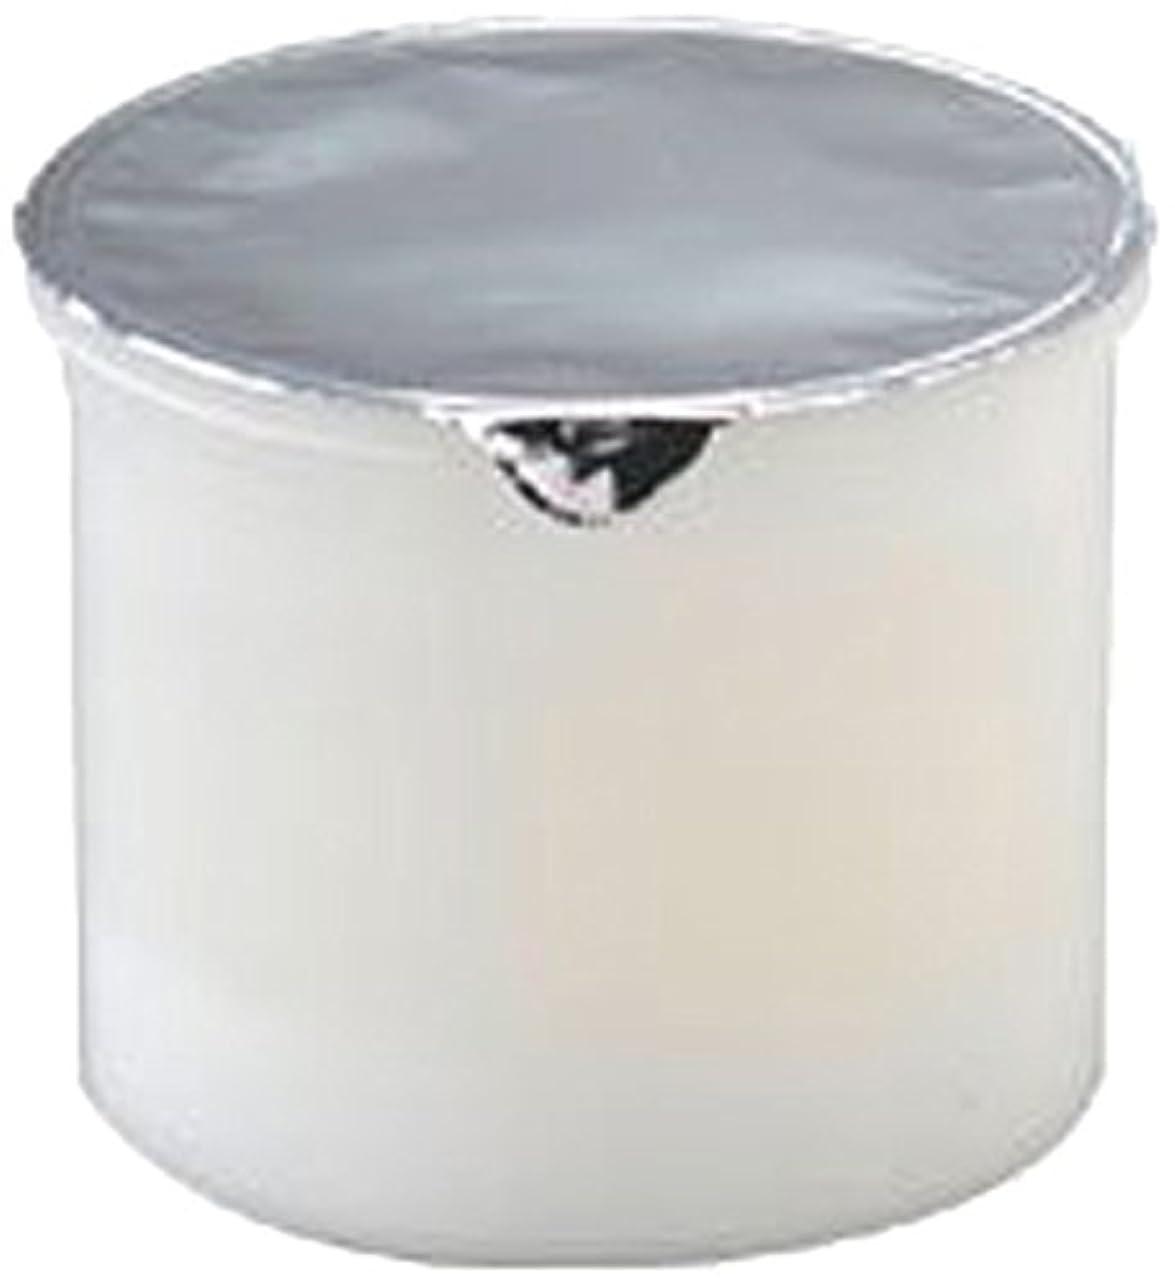 カプラーツインアンカーラシンシア クリアホワイト(W)レフィル 50g